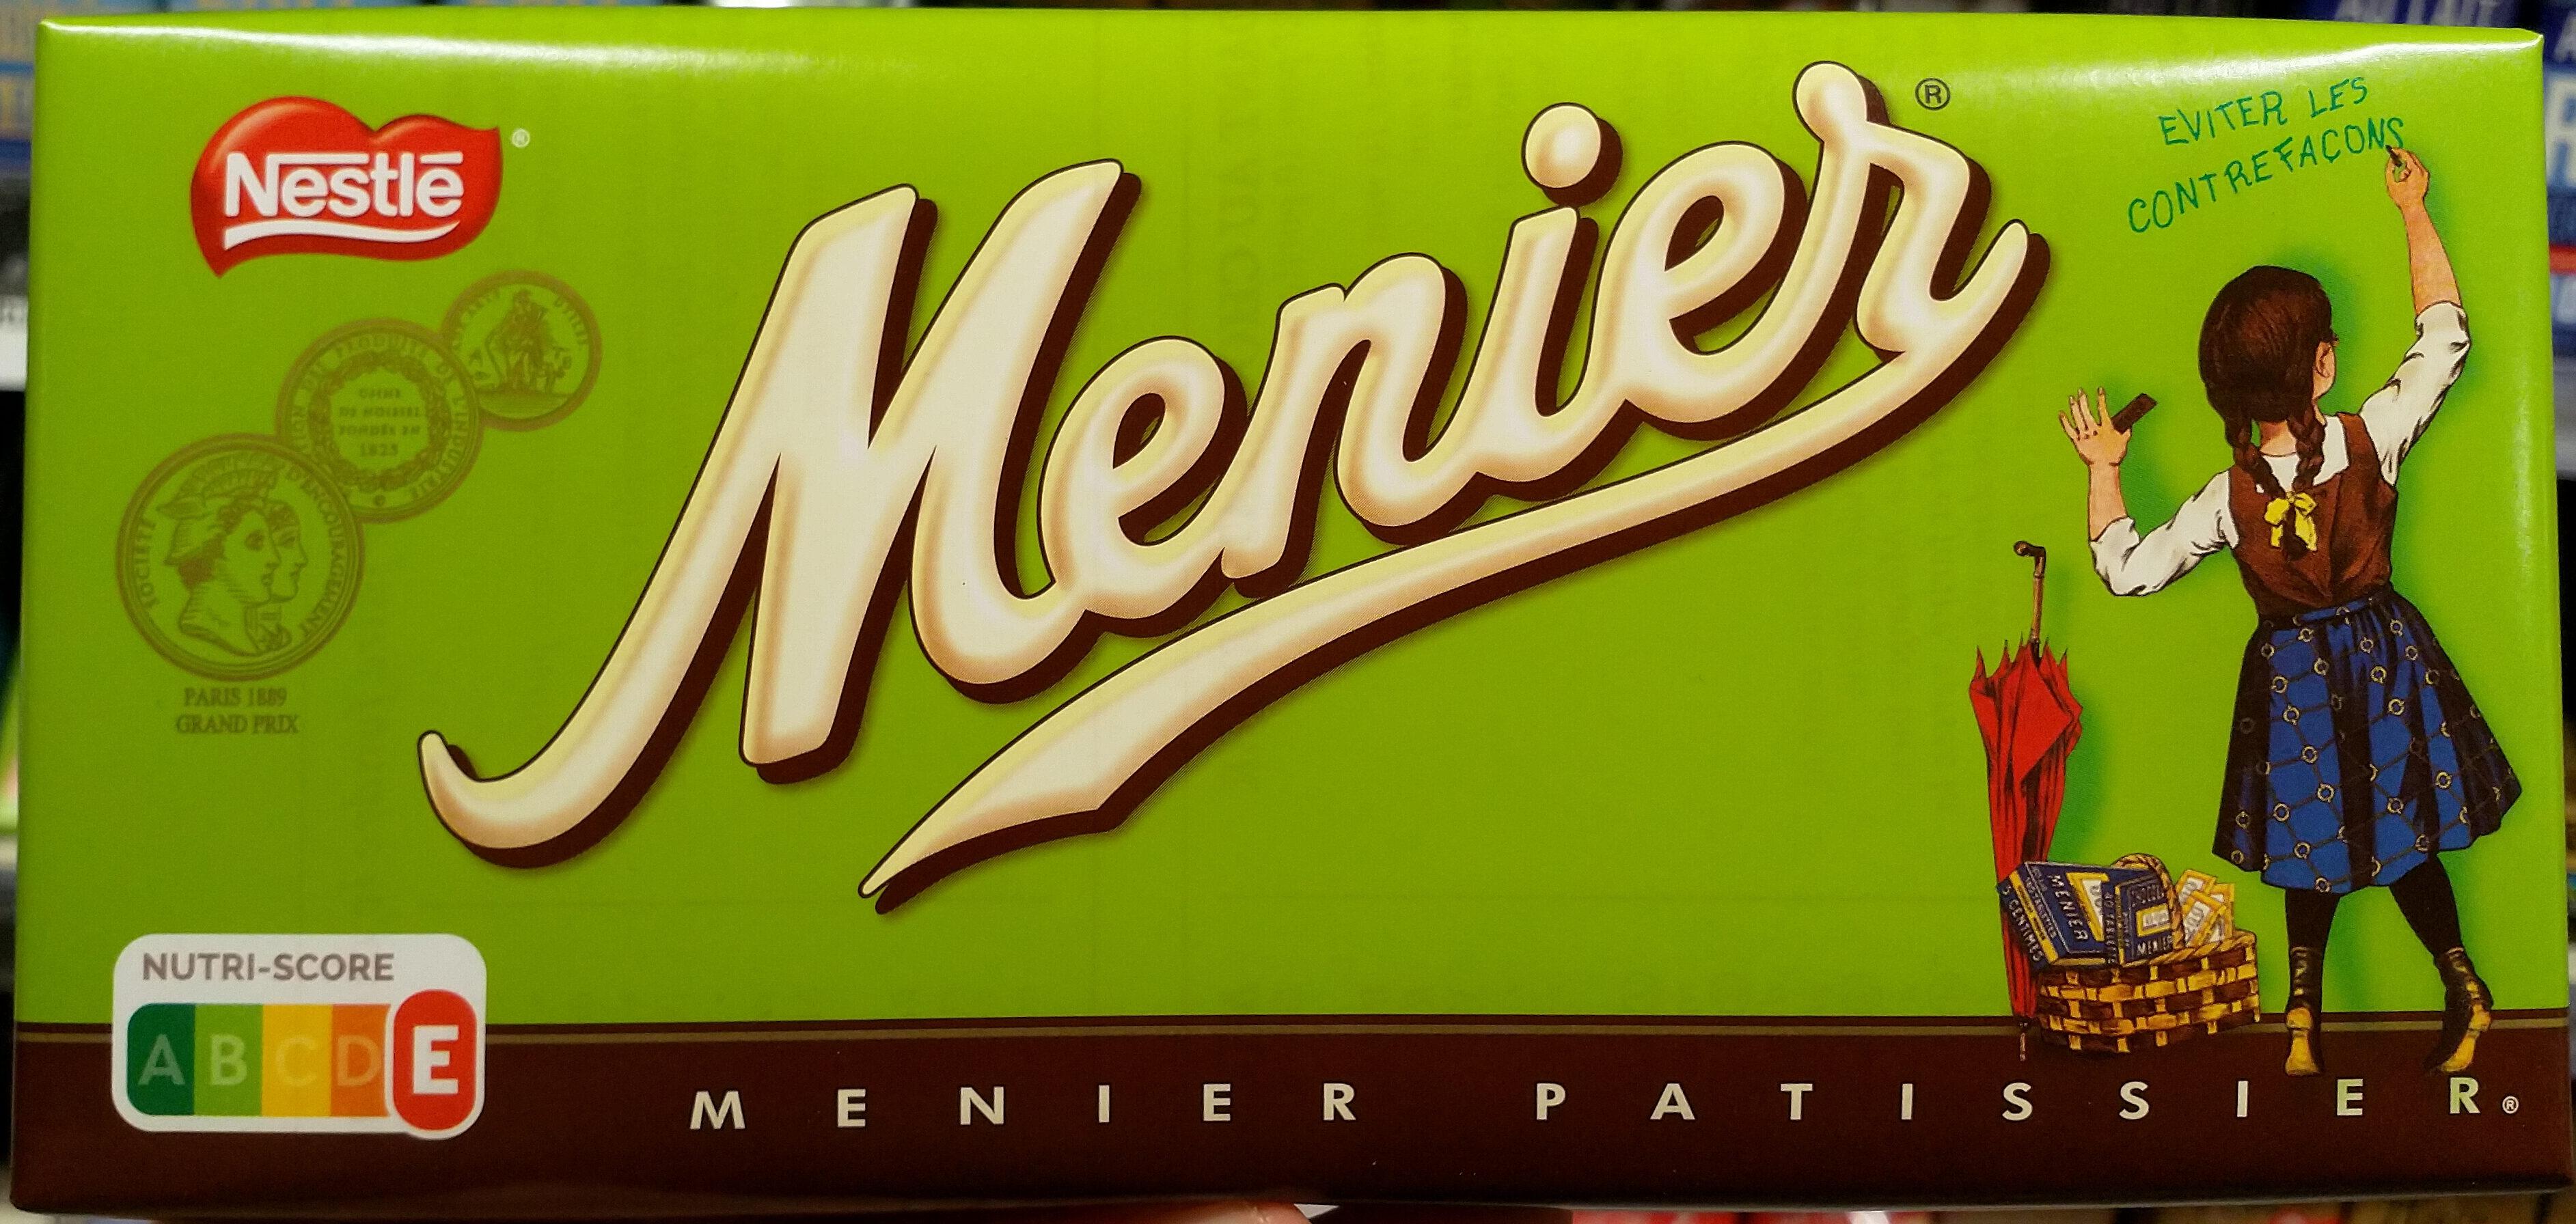 Menier patissier - Produit - fr